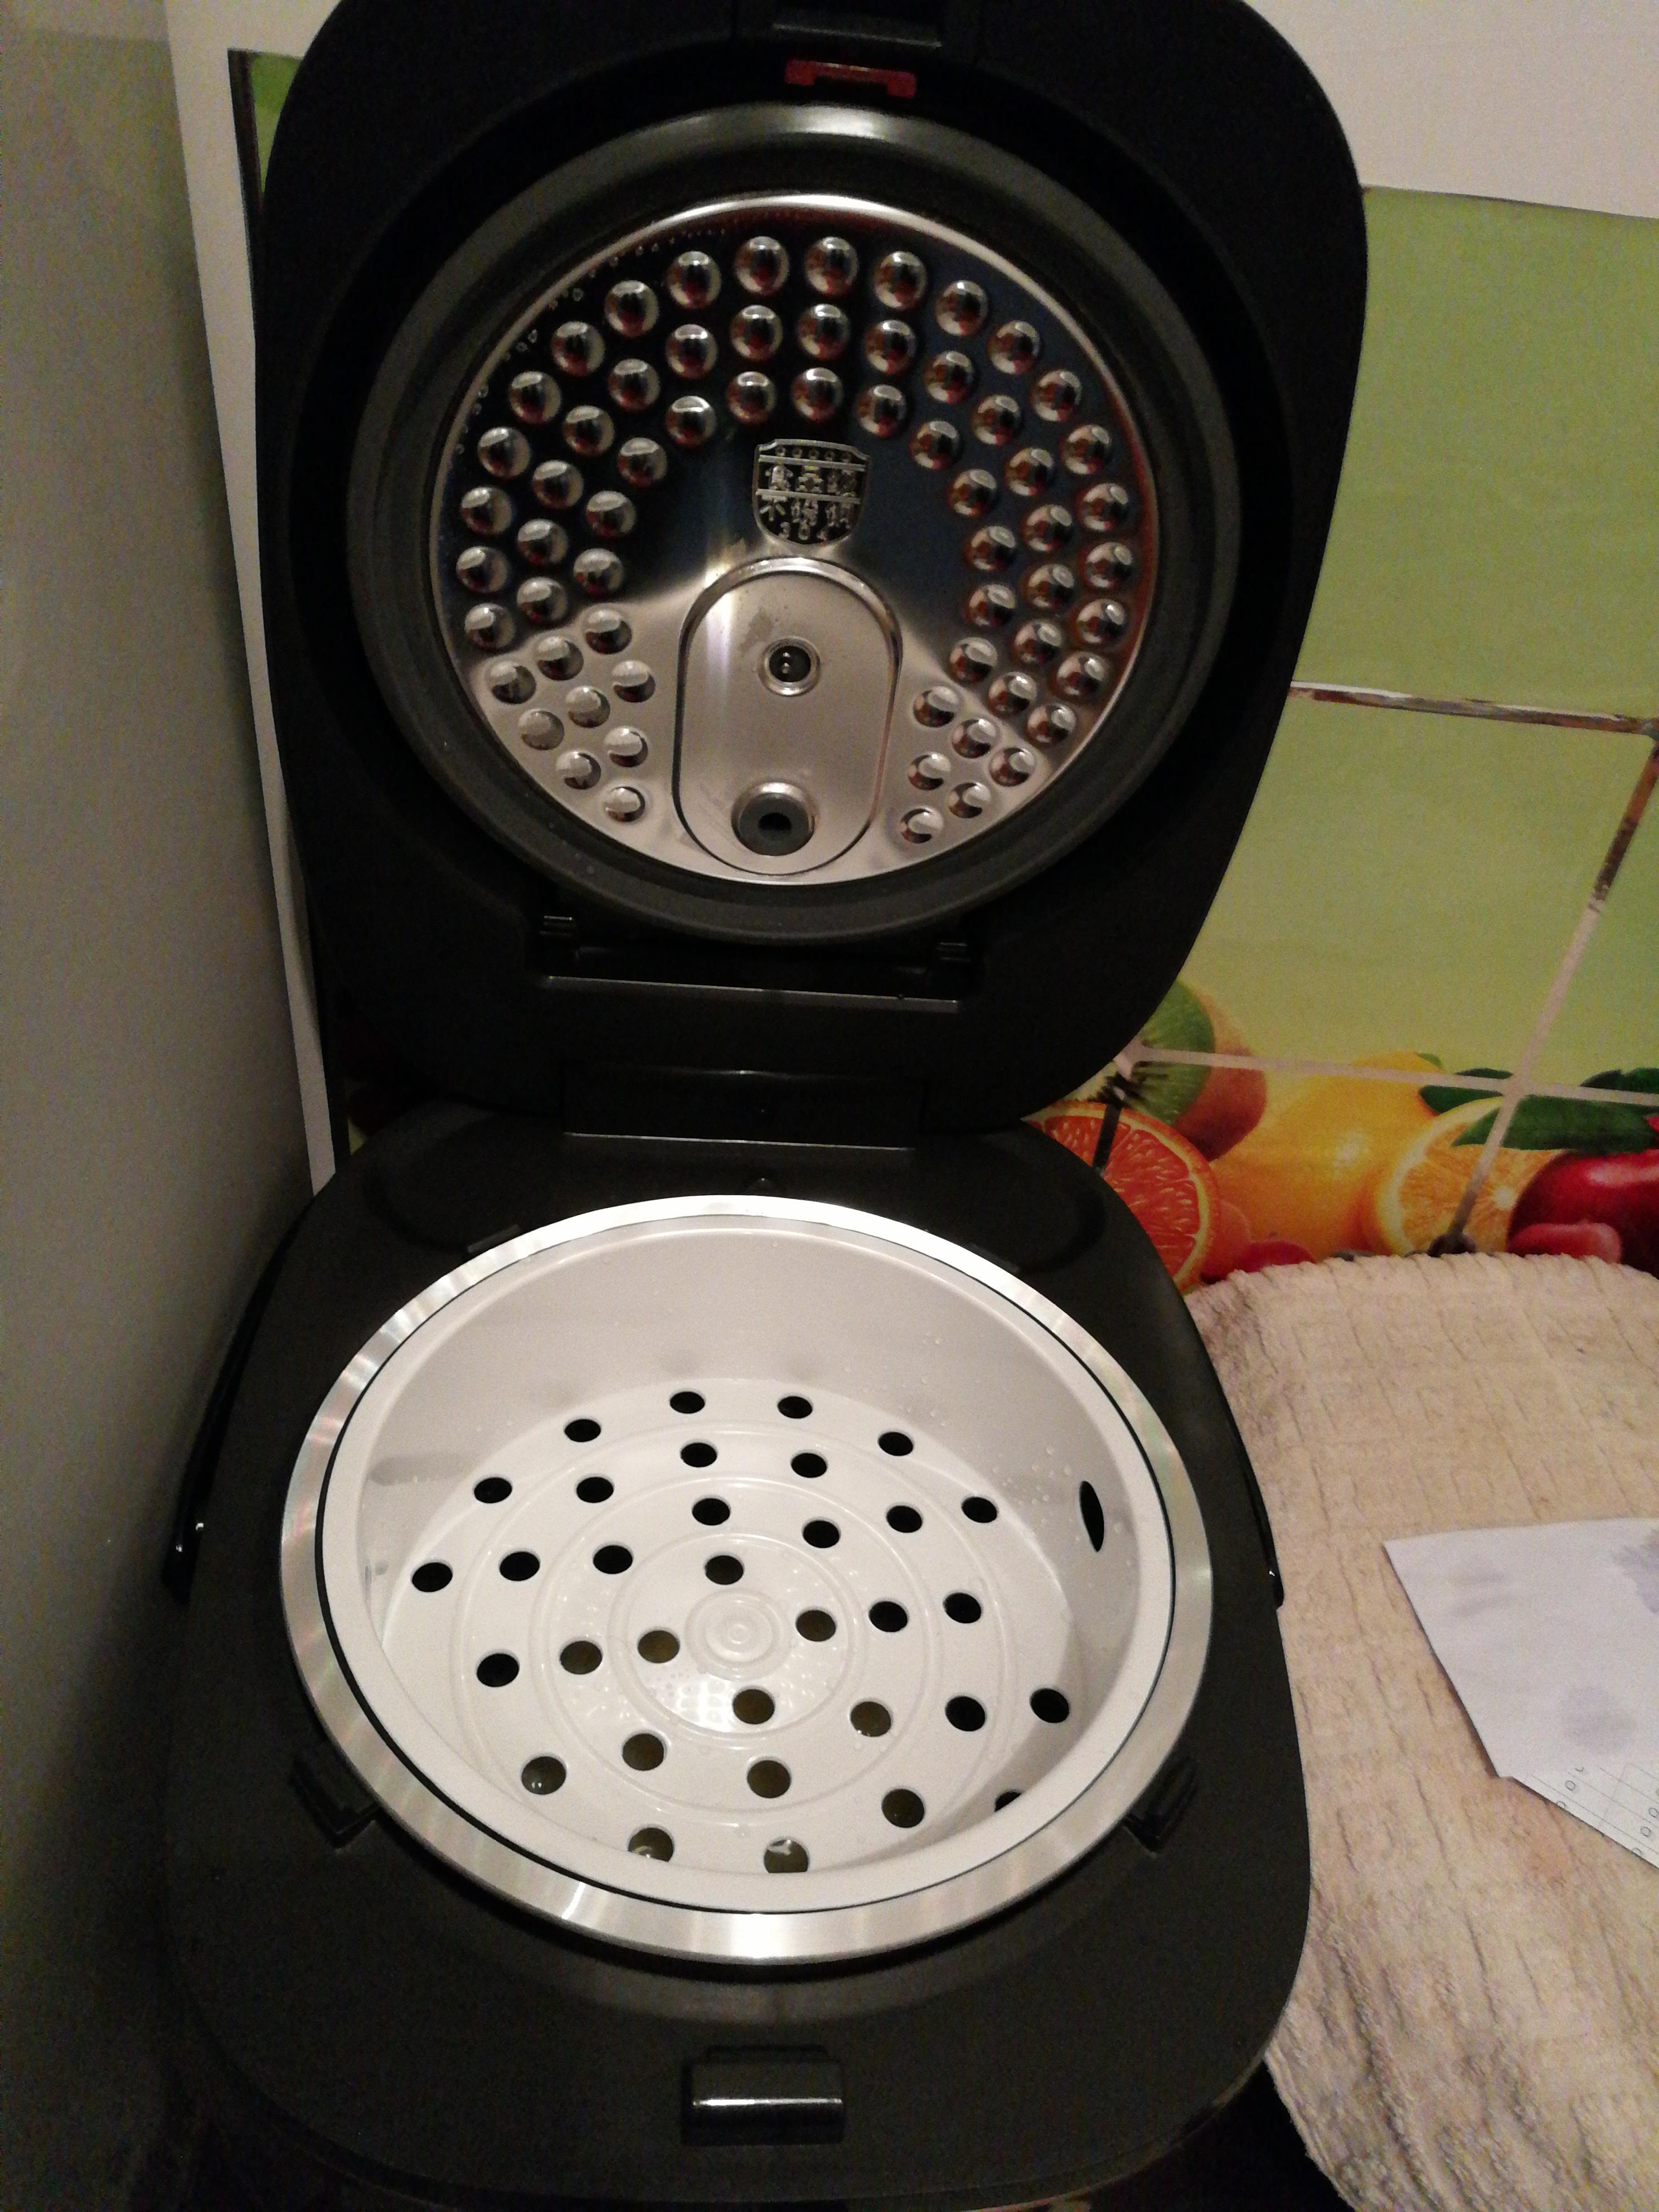 苏泊尔(supor) cfxb40hc17-130电饭煲 4升ih电磁加热 球釜电饭锅家用